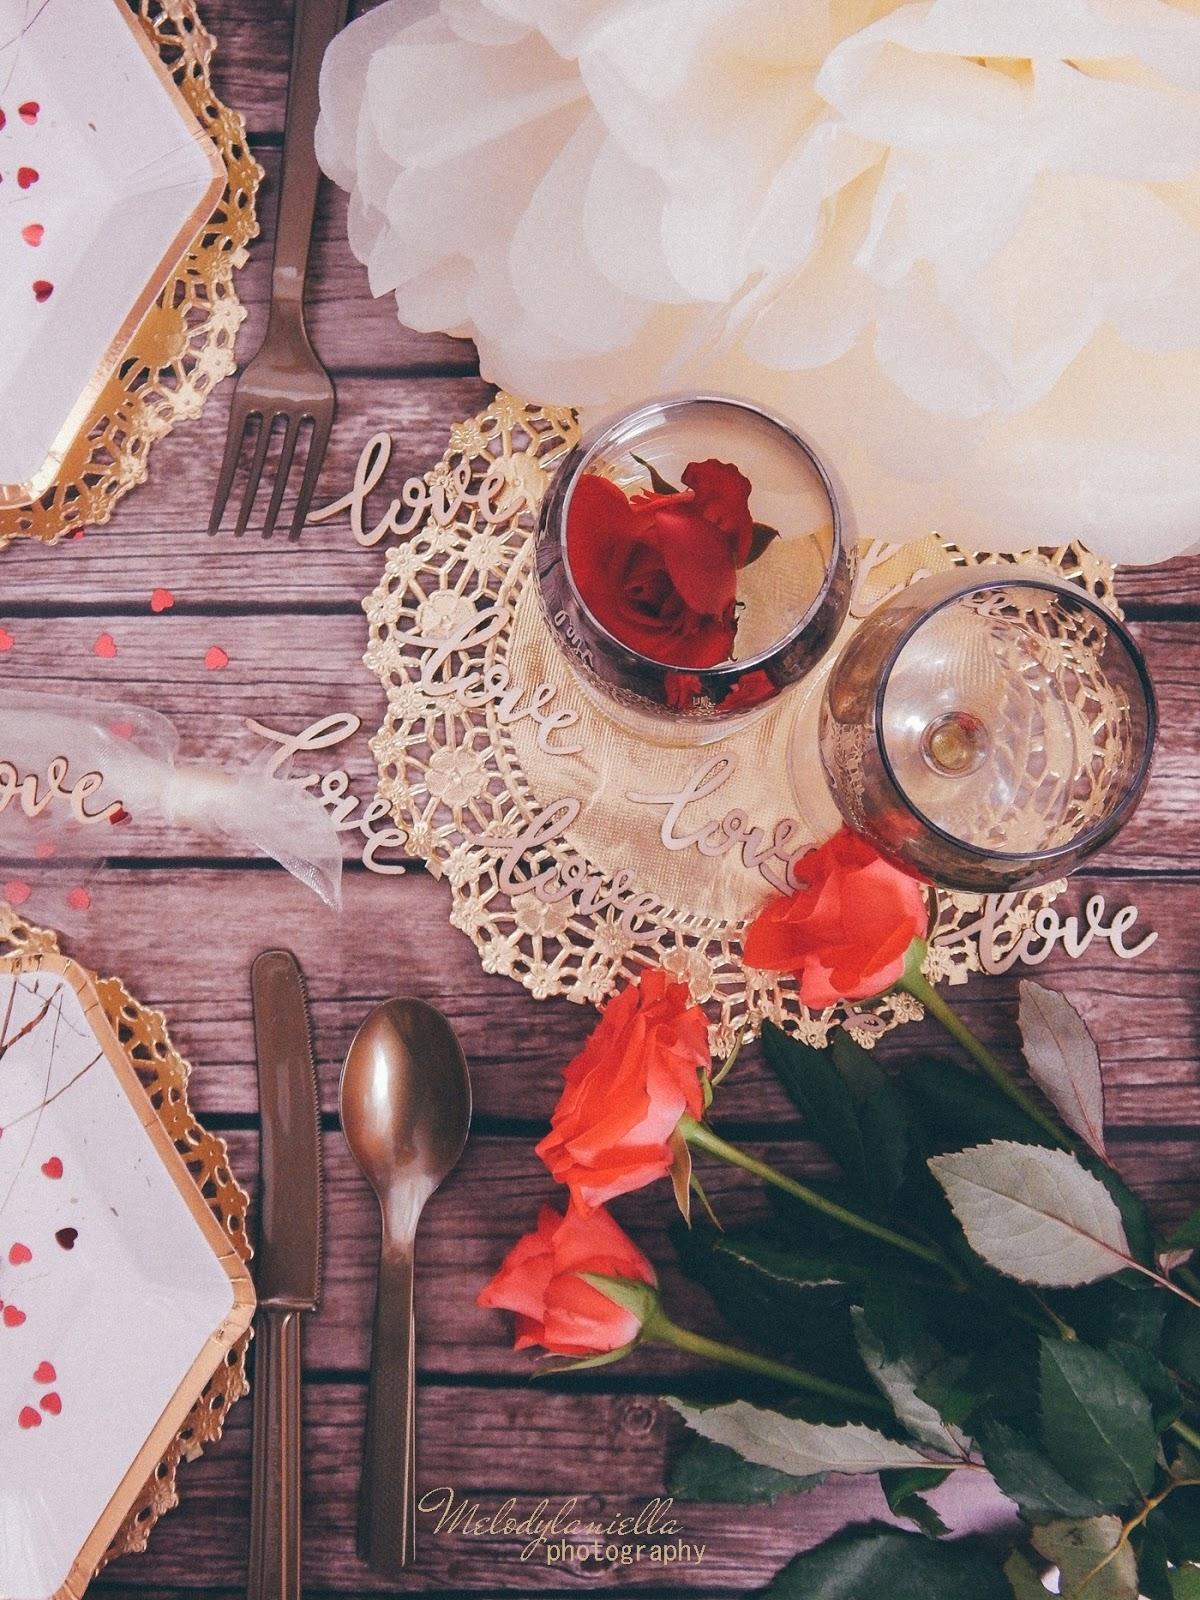 13 złote dodatki dekoracyjne ażurowe serwetki jednorazowe talerze dodatki na imprezu urodziny wieczór panieński pomysły złote konfetti serca marmur złoto kieliszki zastawa talerze